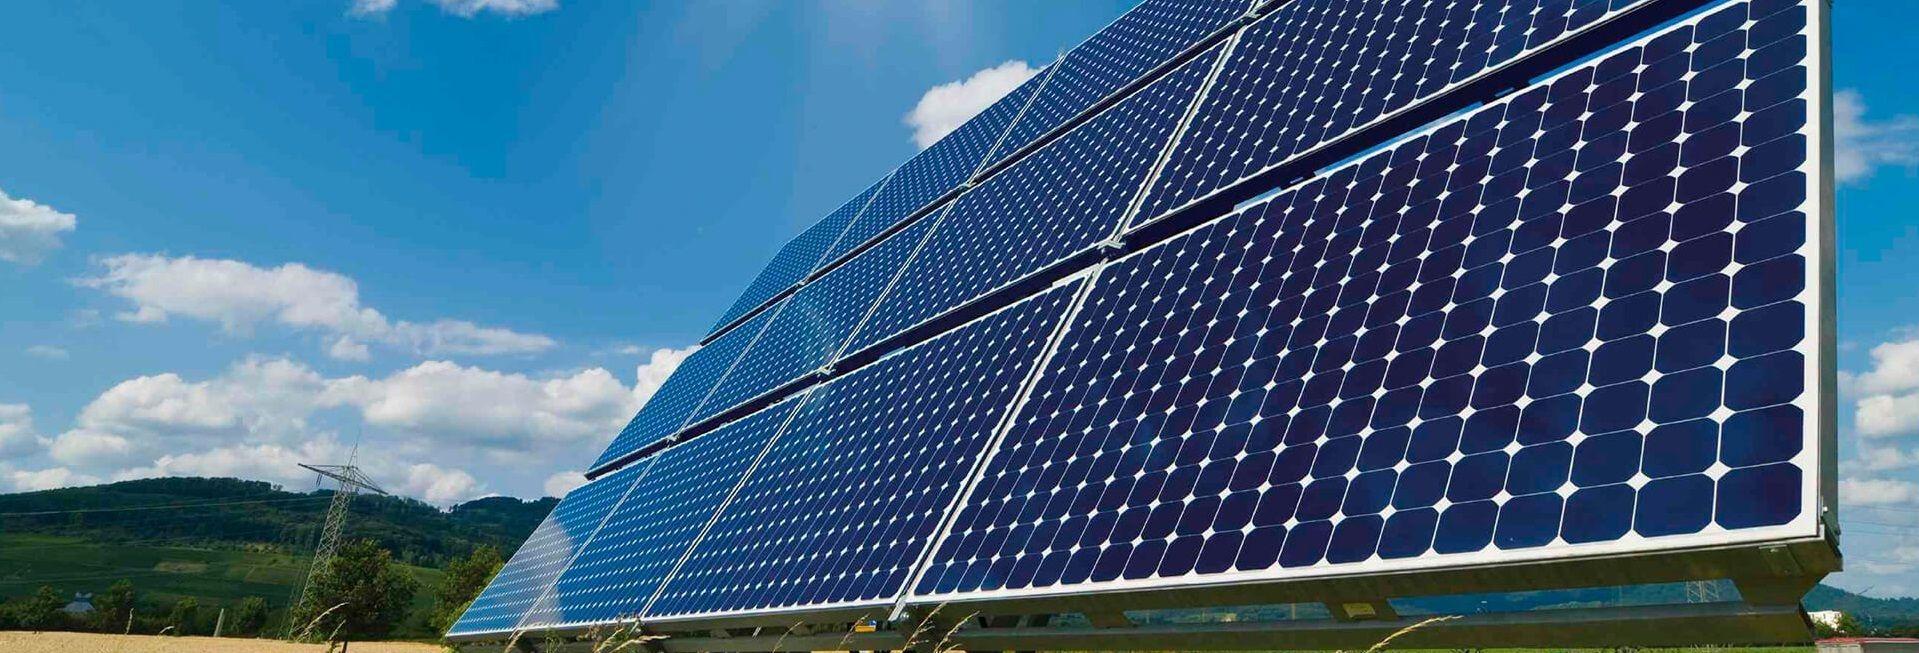 DOTACJE PV - Energetyka obywatelska